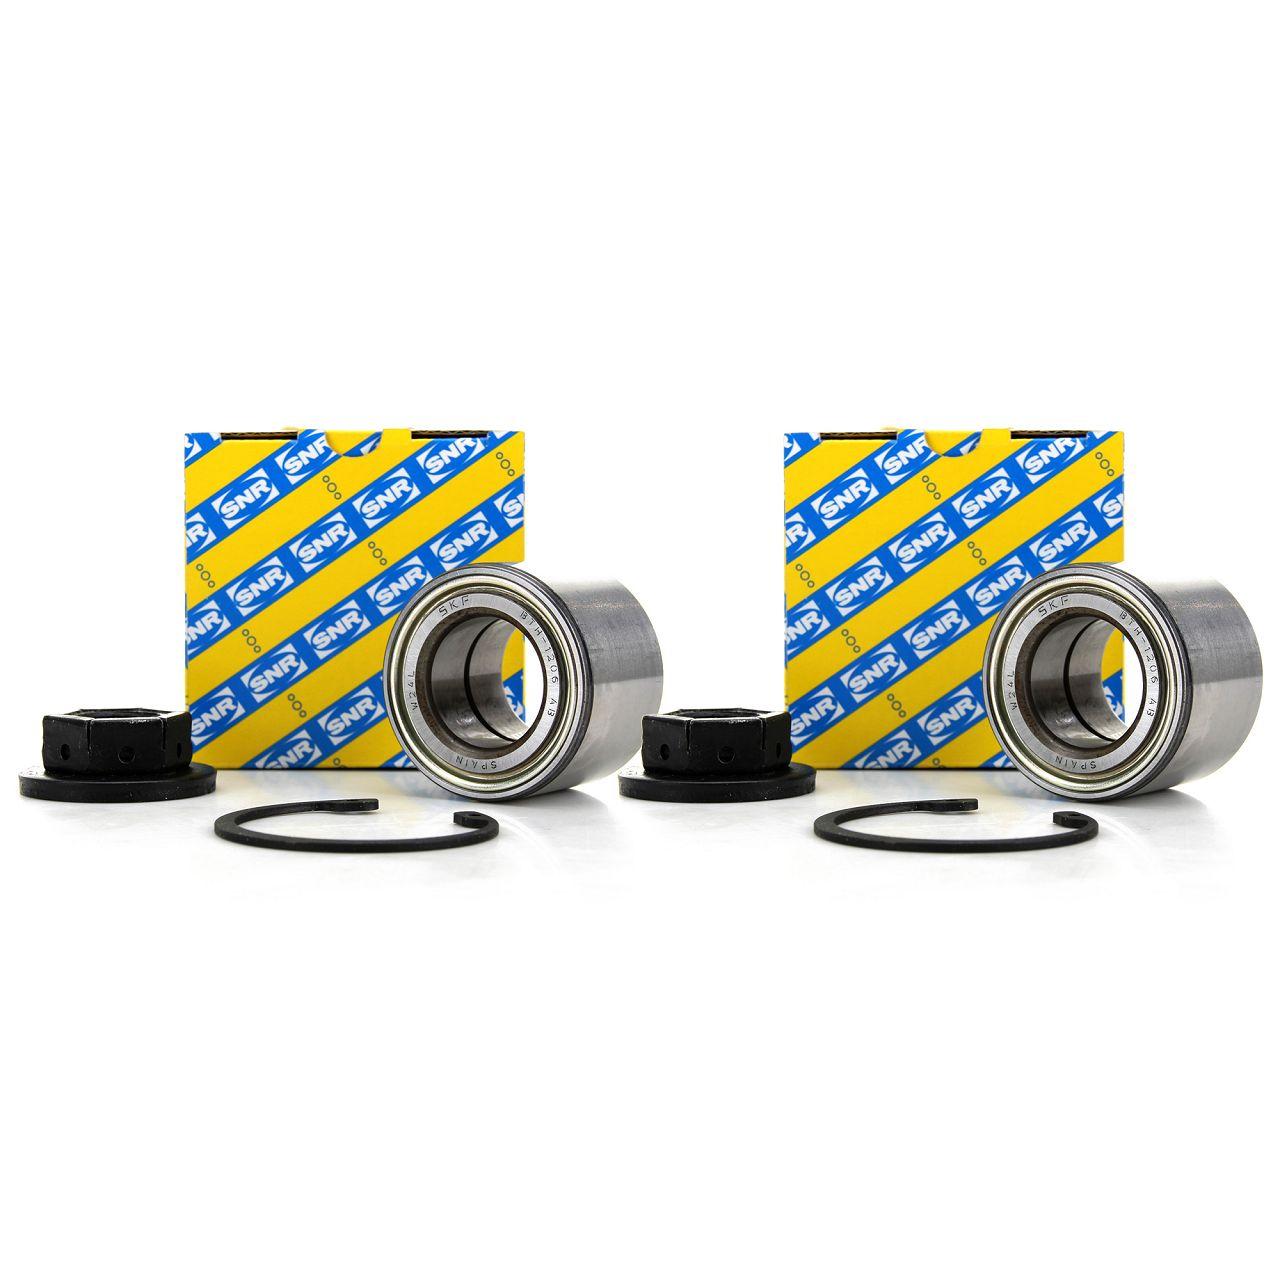 2x SNR Radlagersatz für Ford FIESTA V FOCUS I MK1 FUSION MAZDA 2 DE DY hinten